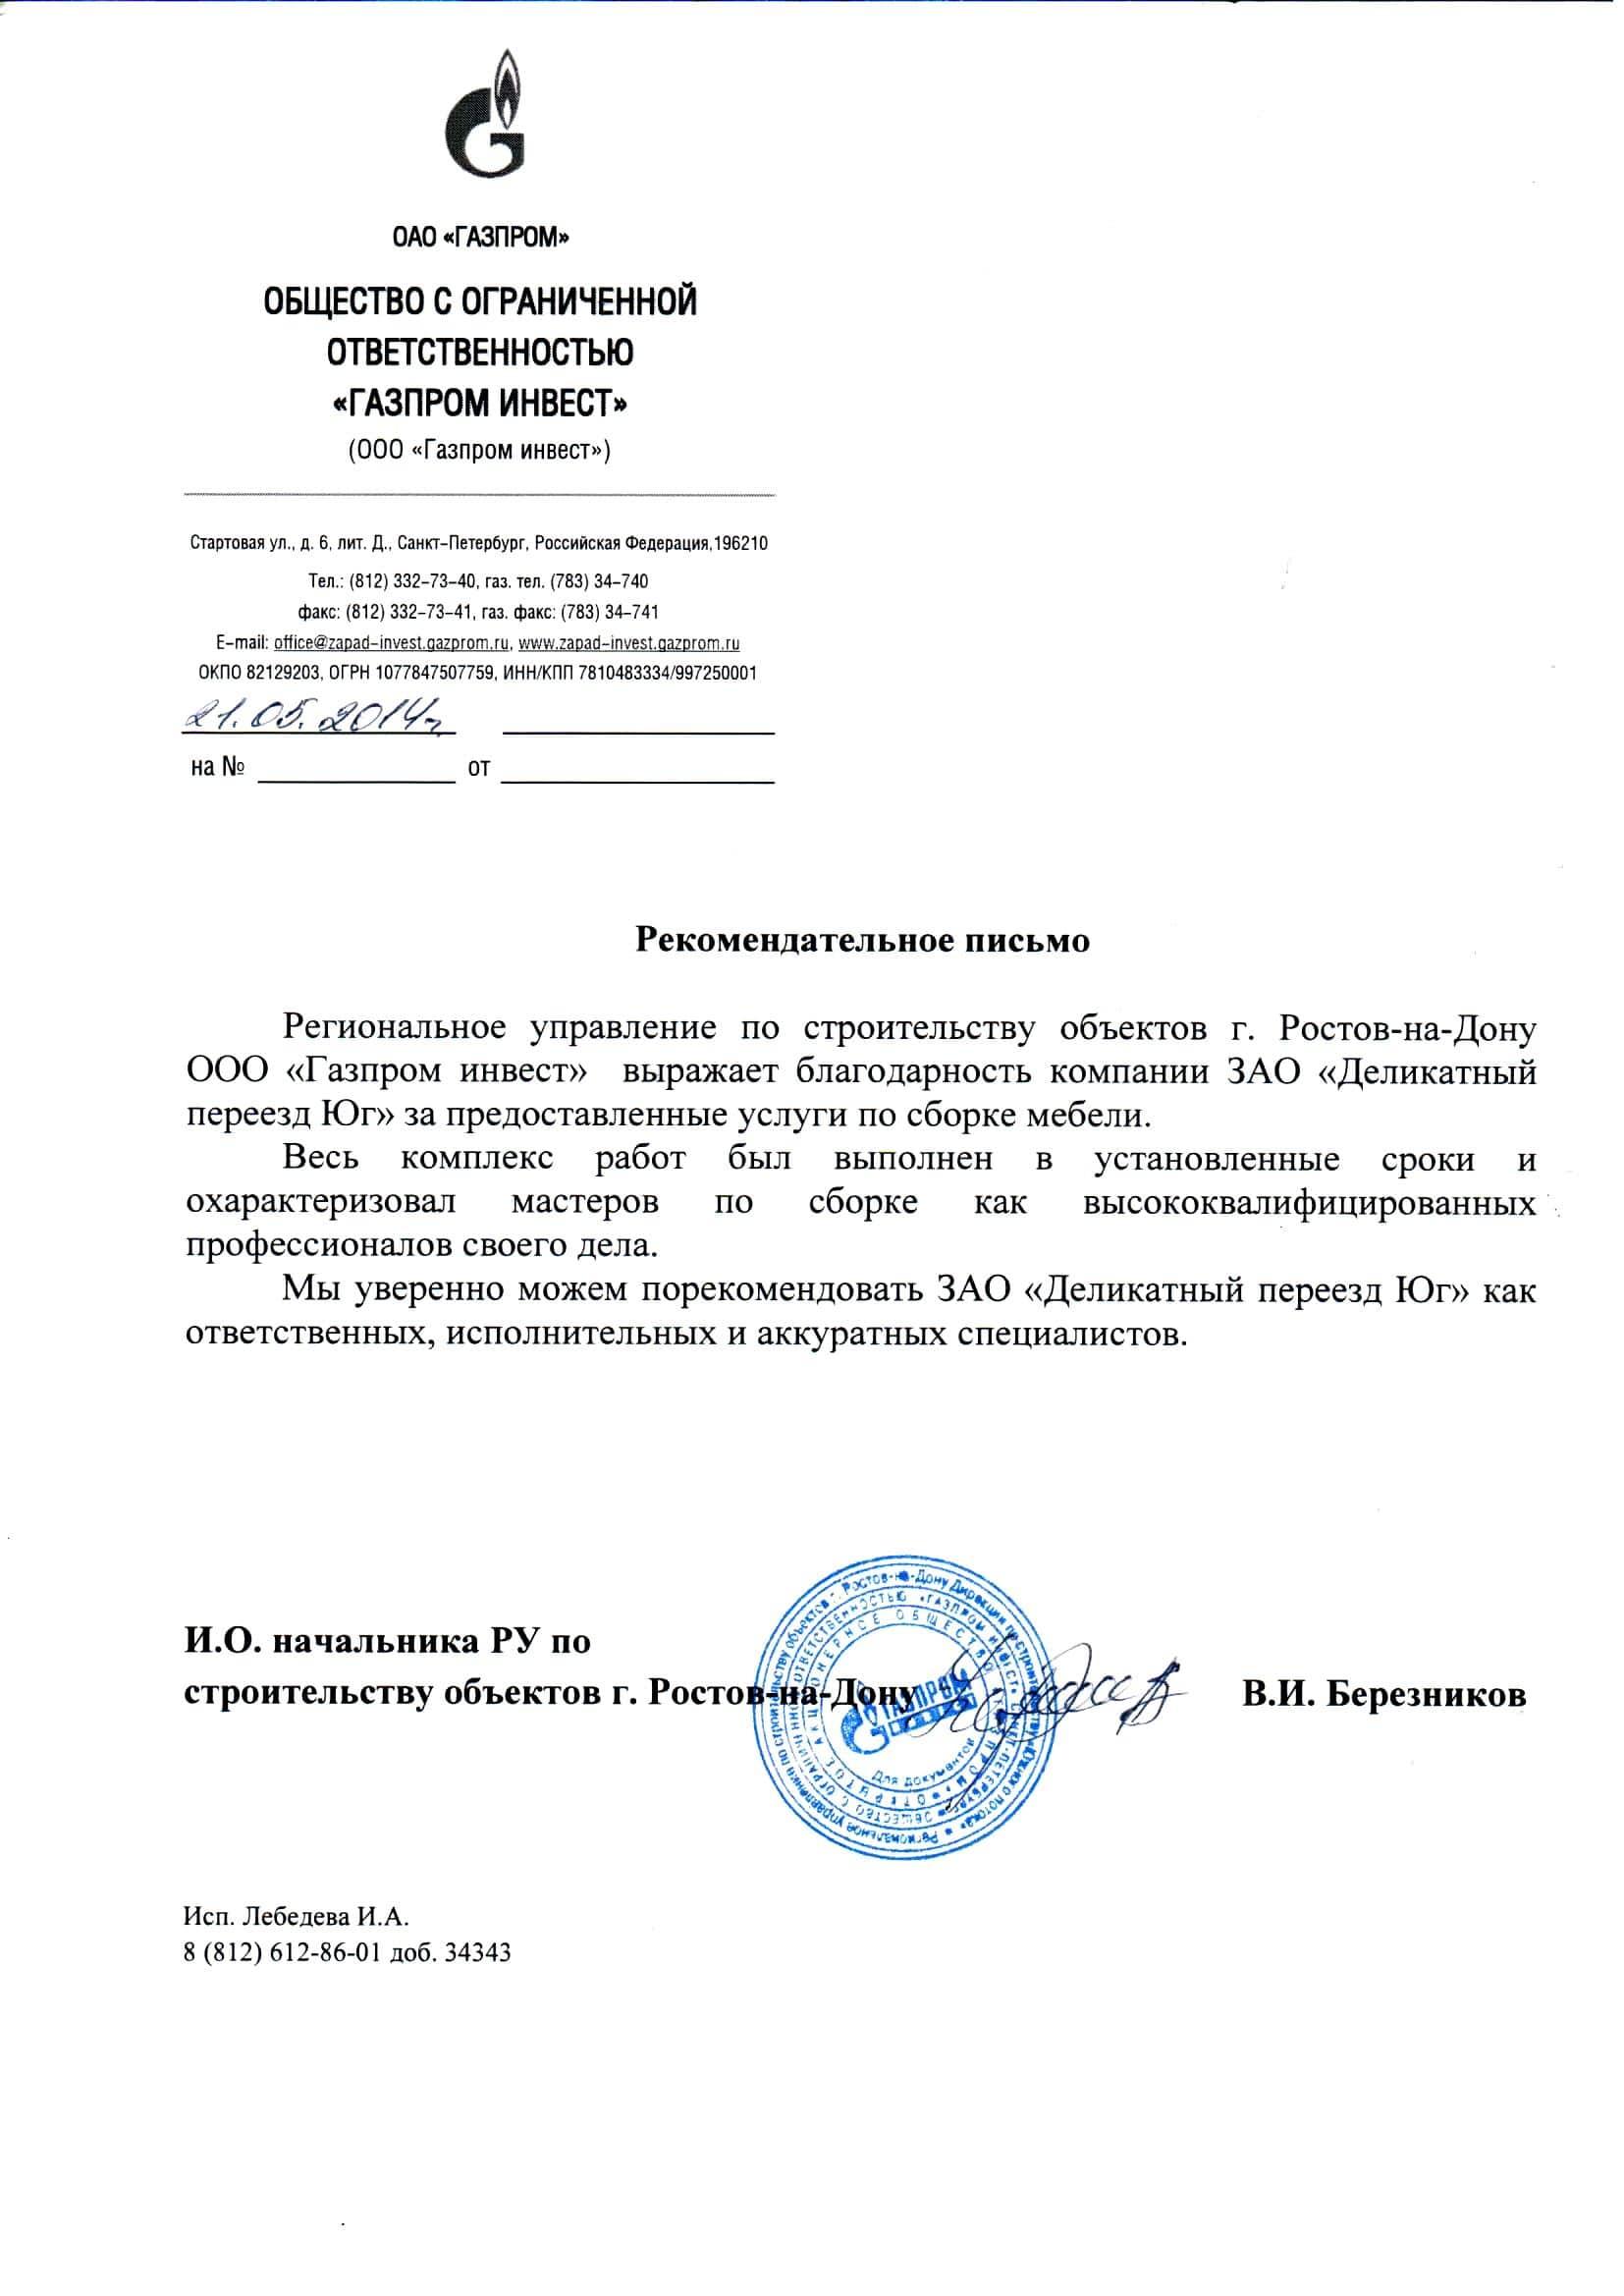 Рекомендательное письмо от ООО «Газпром инвест»